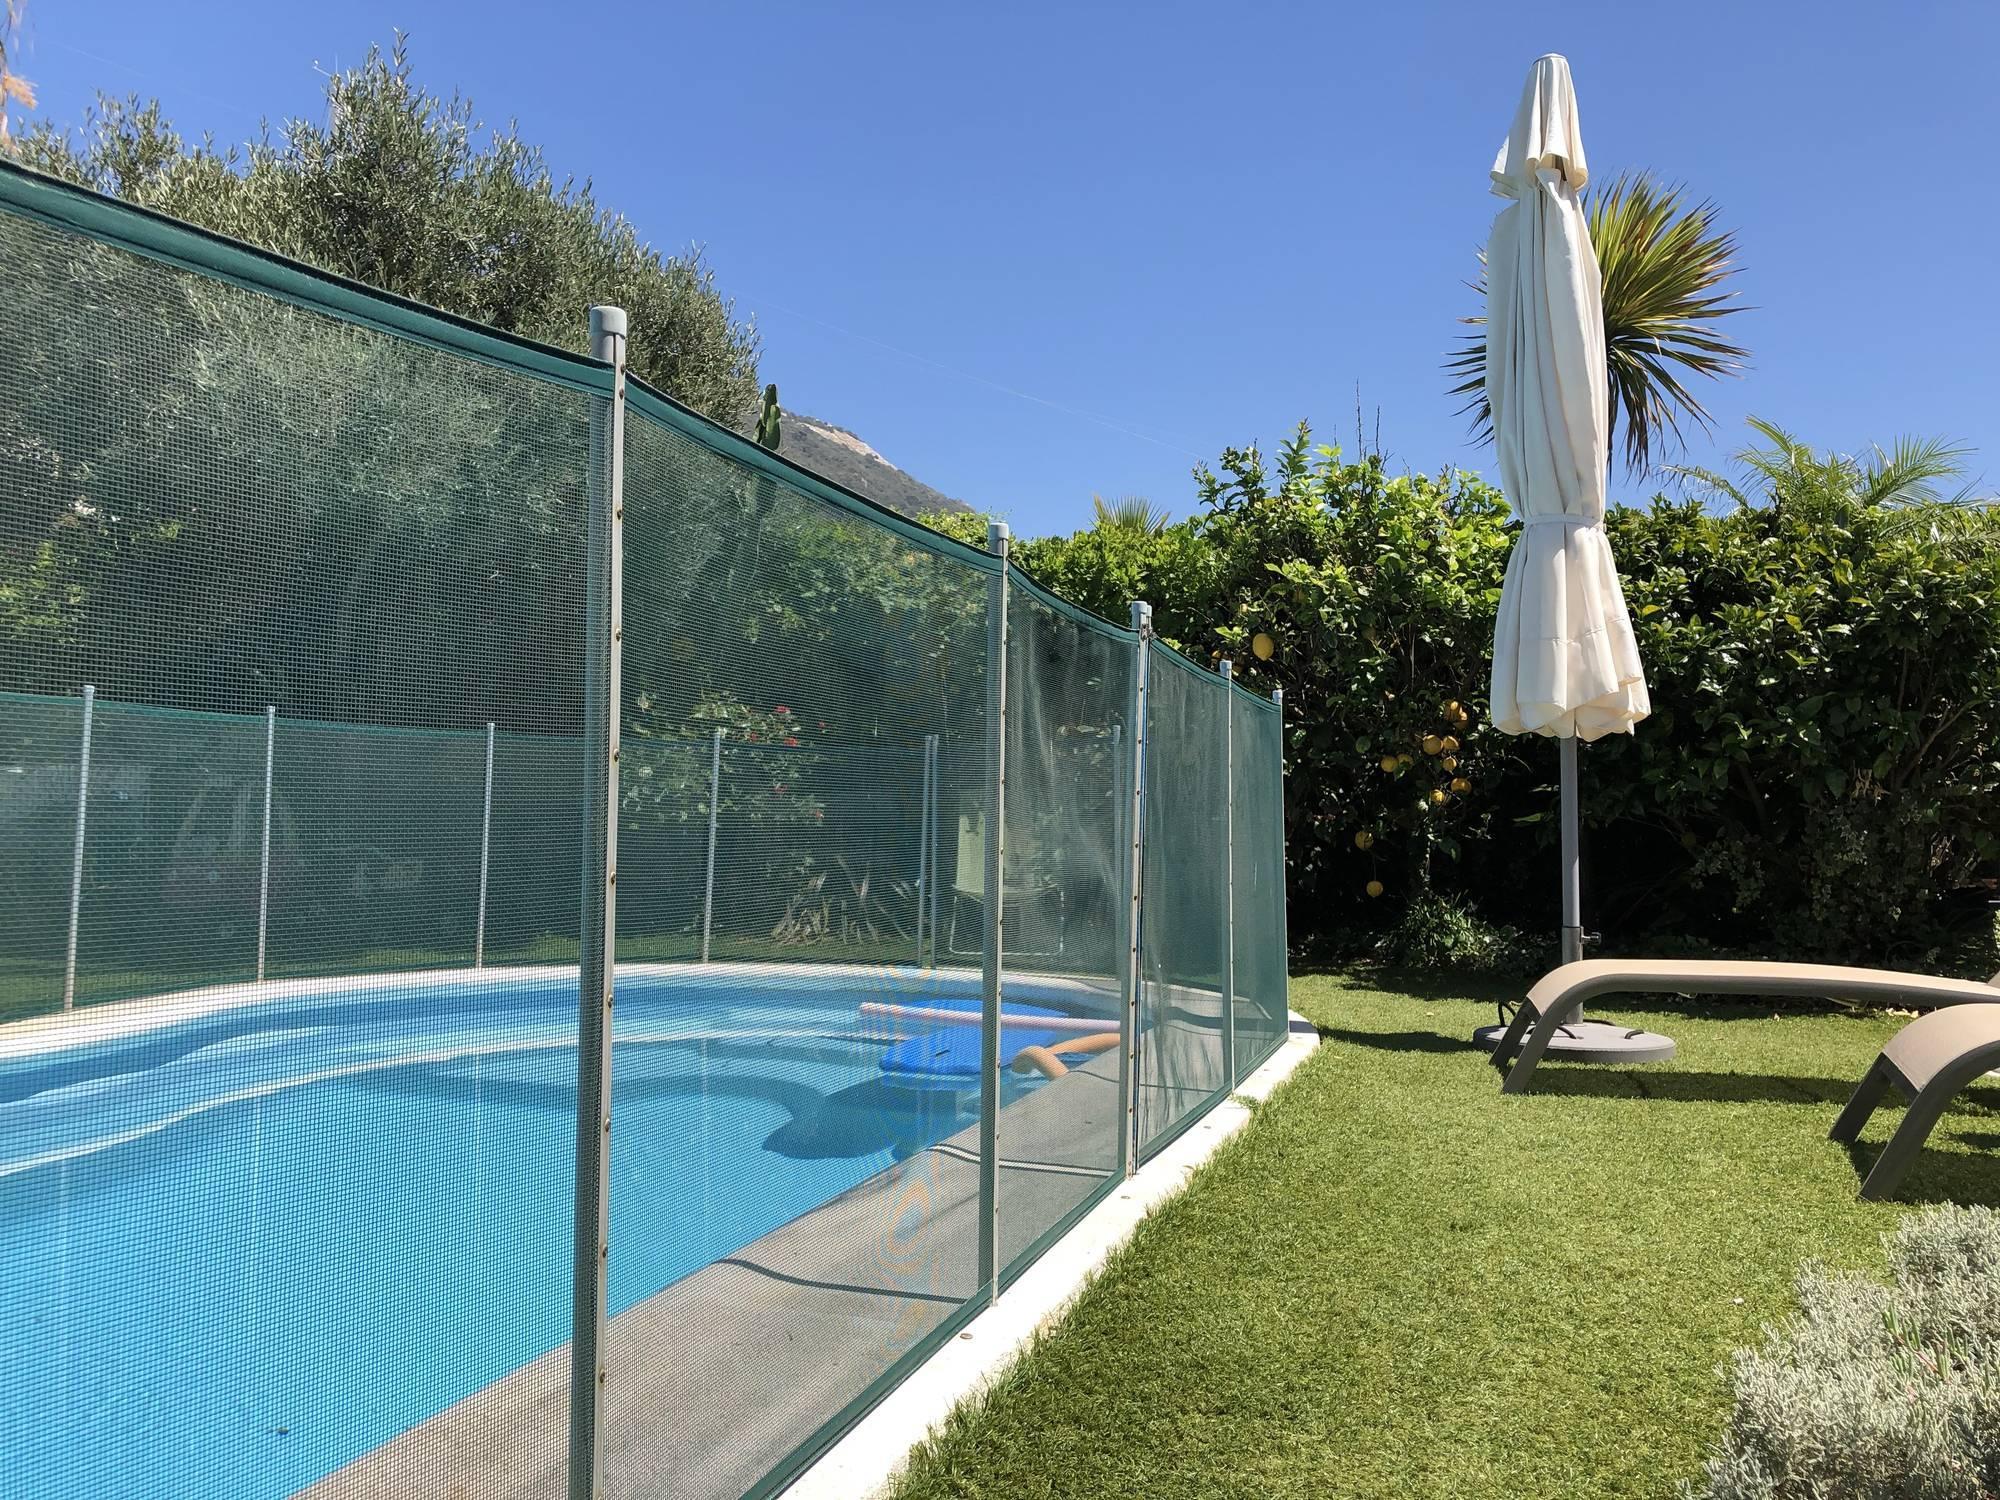 piscine non couverte sans volet roulant